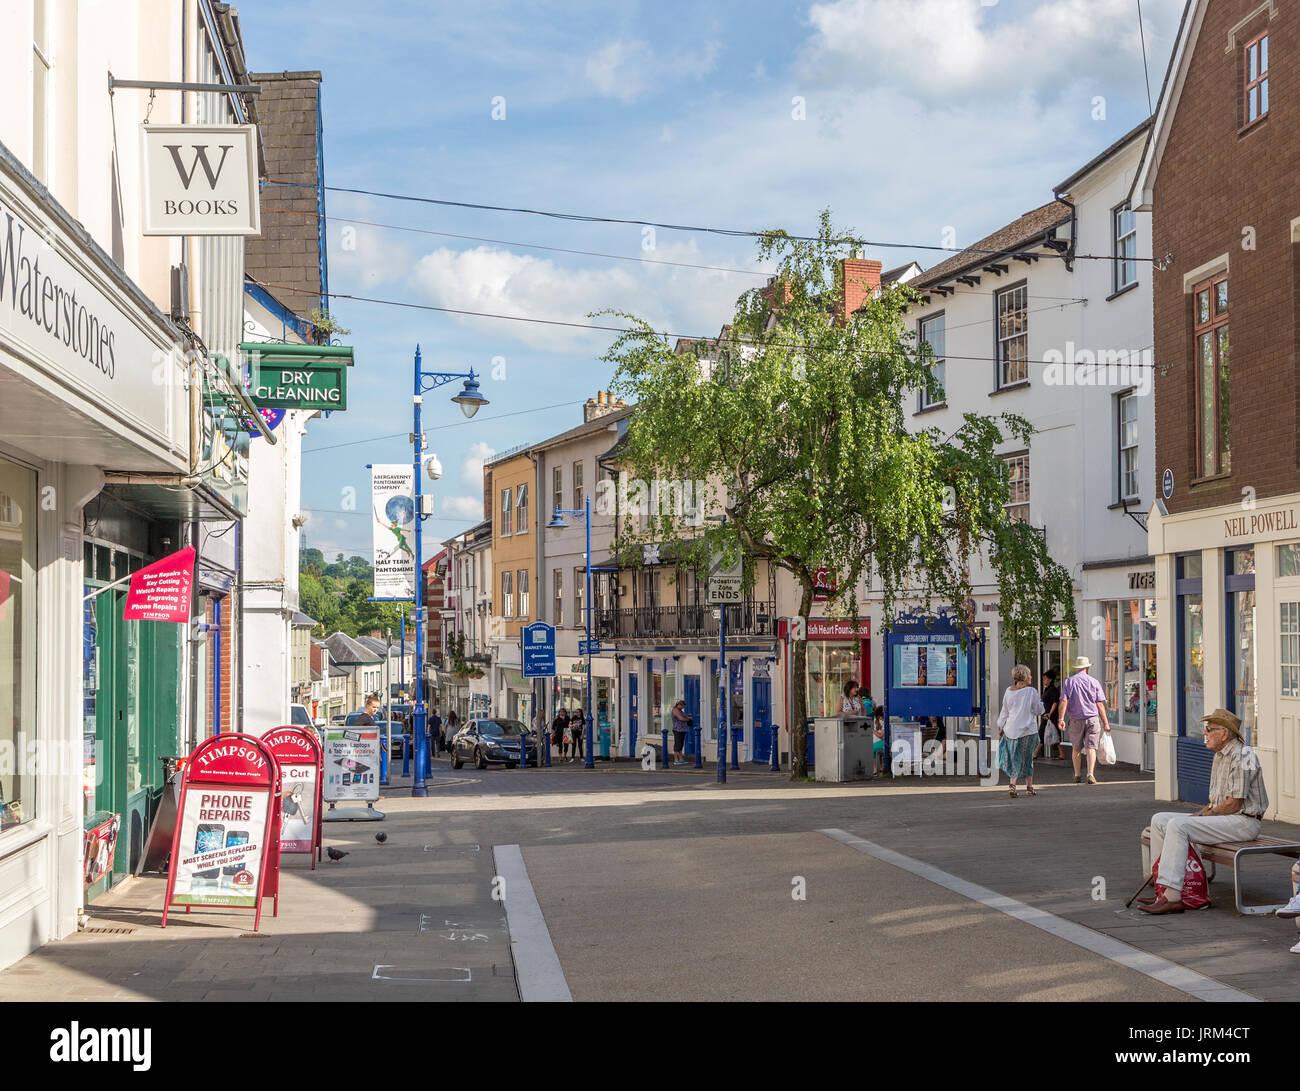 Fußgängerzone Innenstadt, Abergavenny, Wales, Großbritannien Stockbild